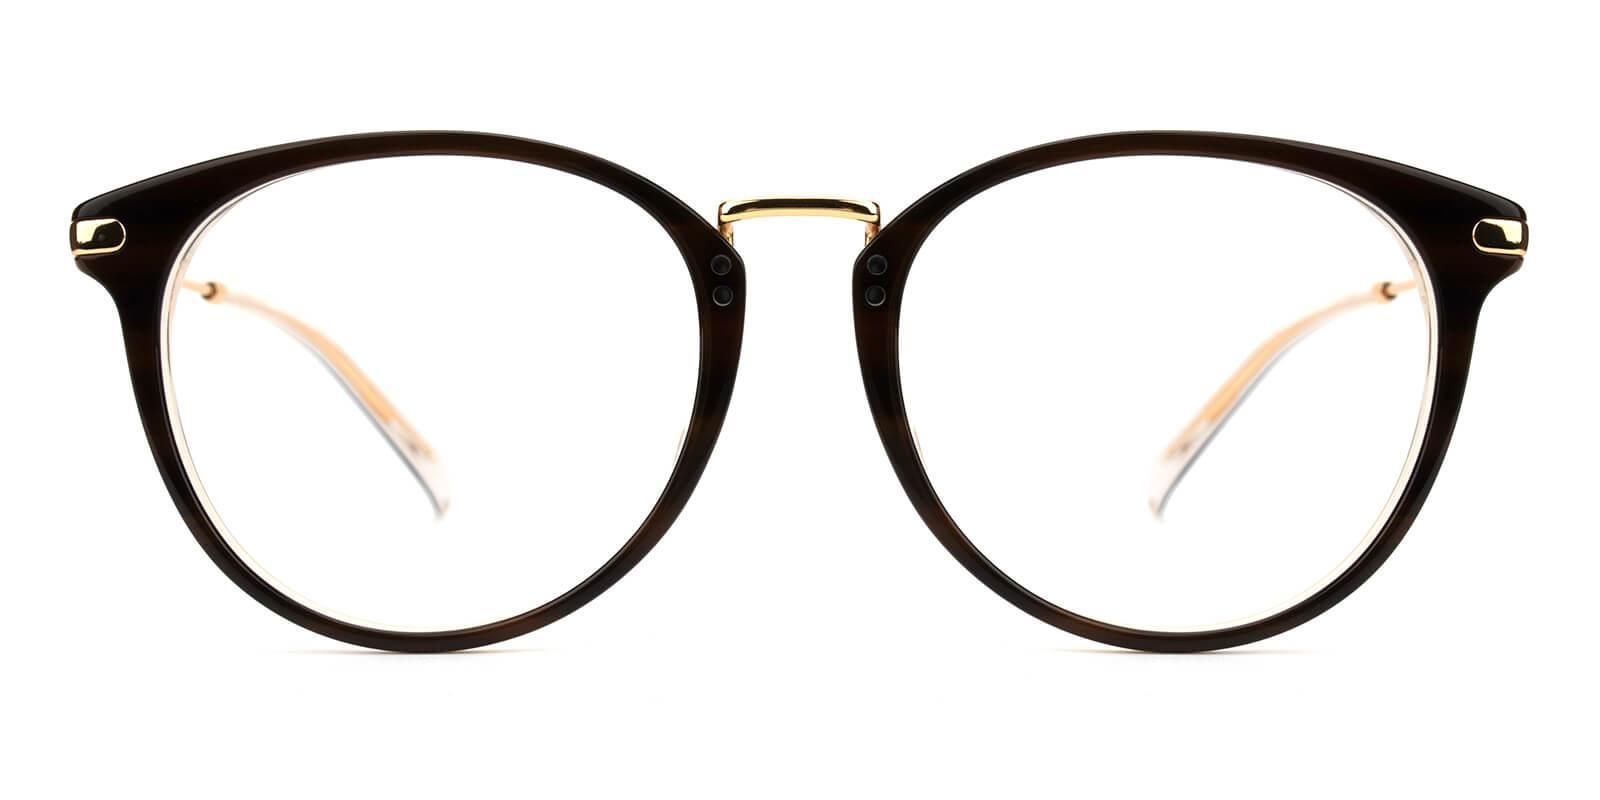 Valkder-Brown-Round-Metal-Eyeglasses-additional2